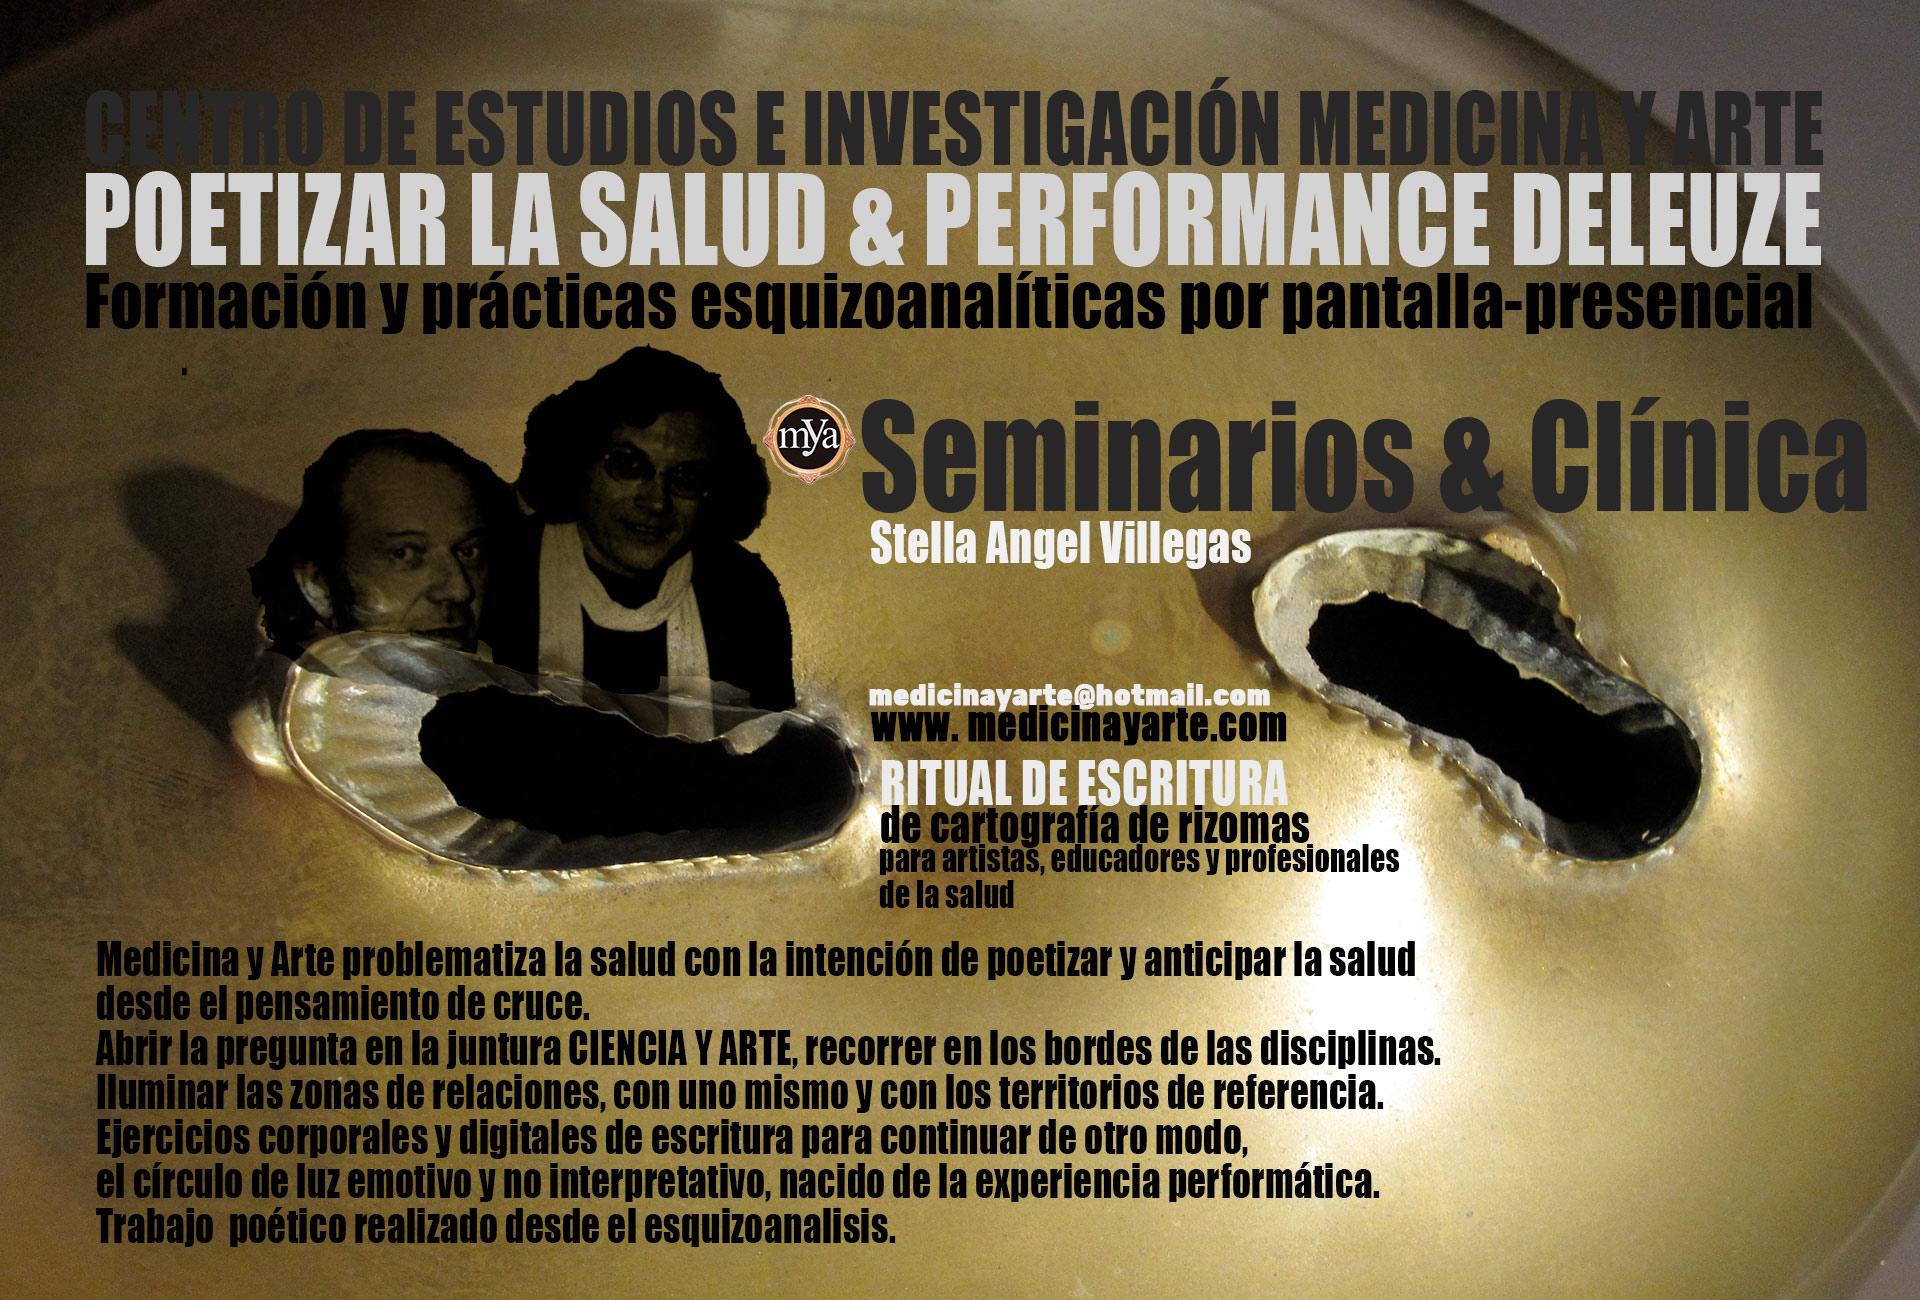 http://medicinayarte.com/img/poetizar_la_Salud_Performance_Deleuzev.jpg